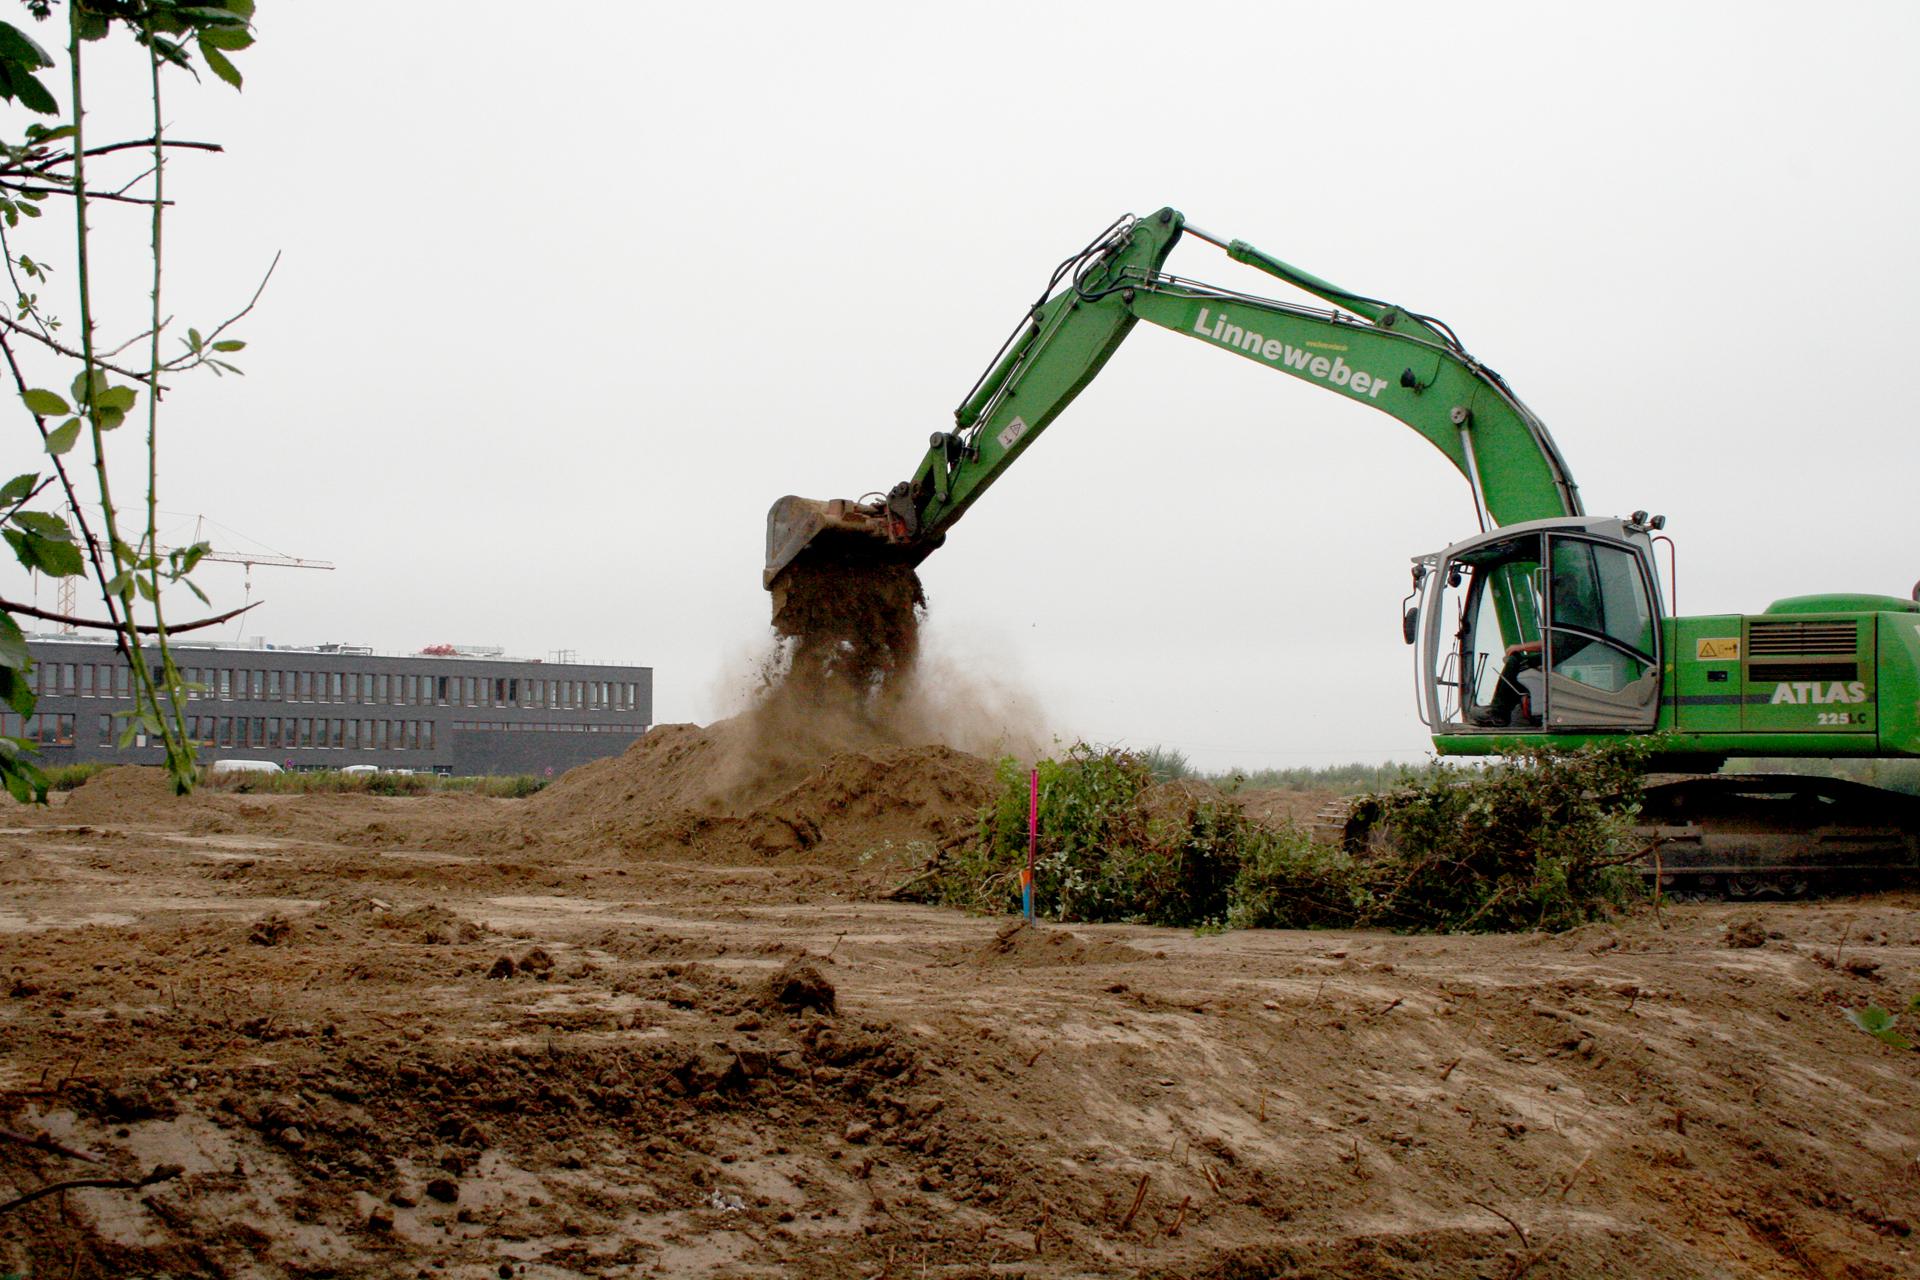 Die Arbeiten für die neue roTeg Fertigungshalle haben begonnen